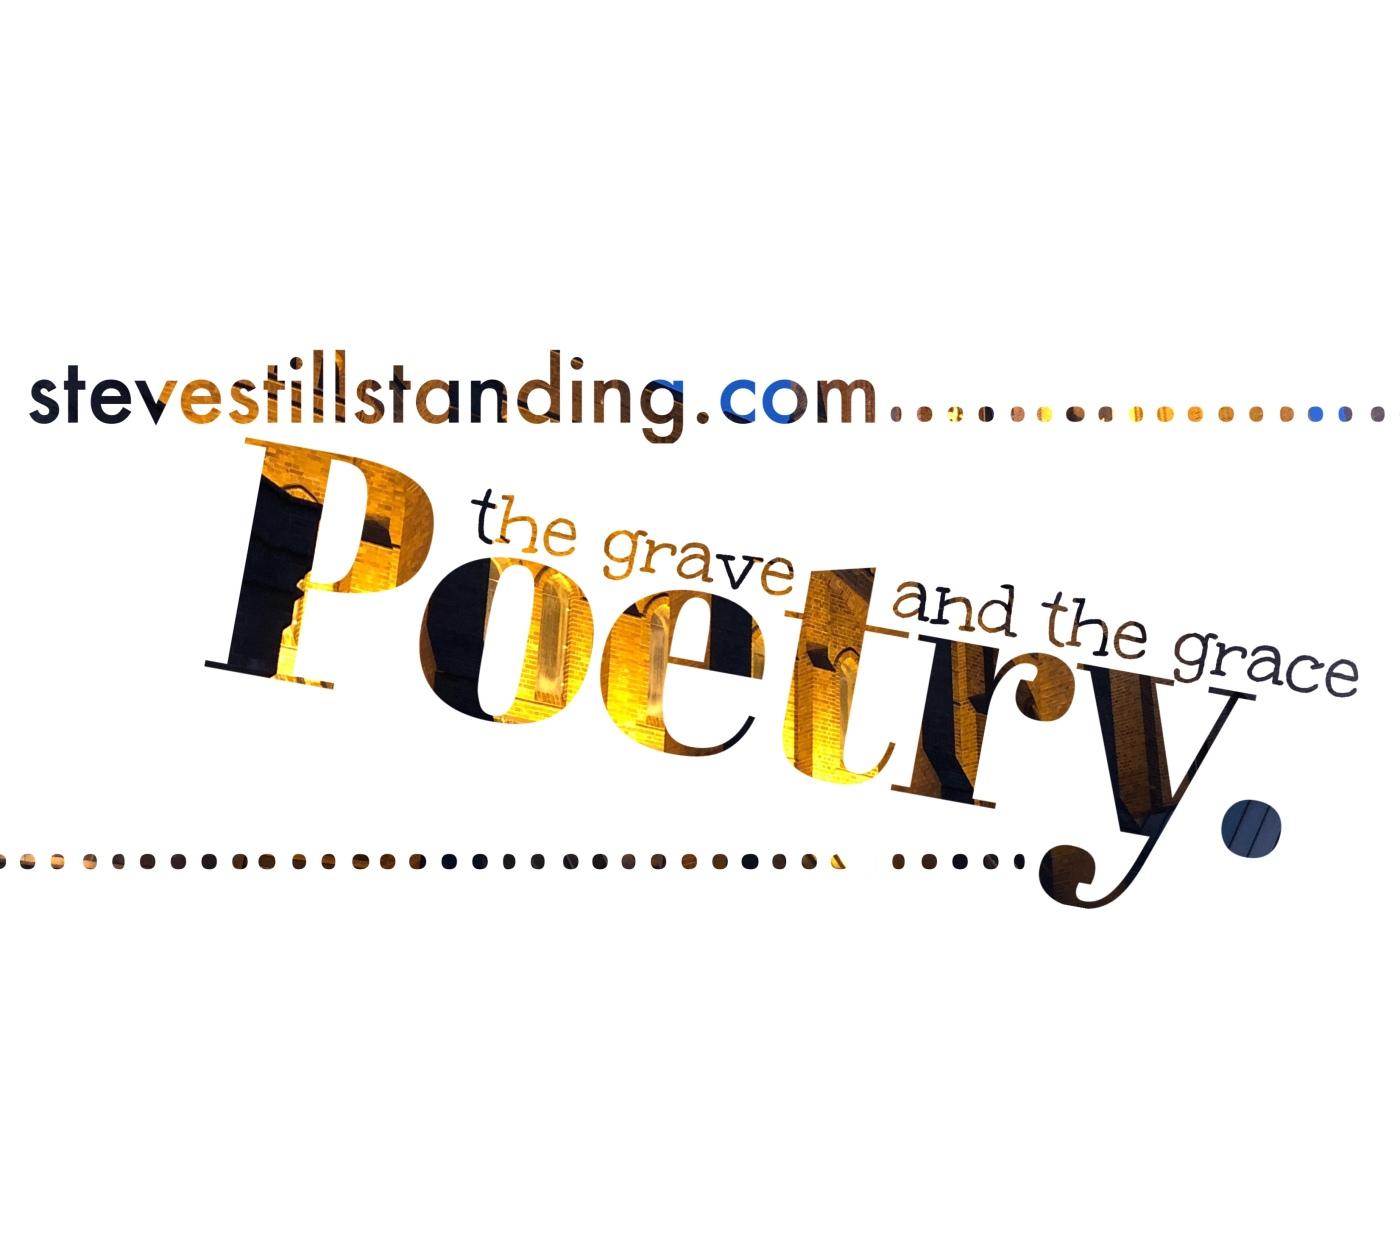 Poetry - stevestillstanding.com